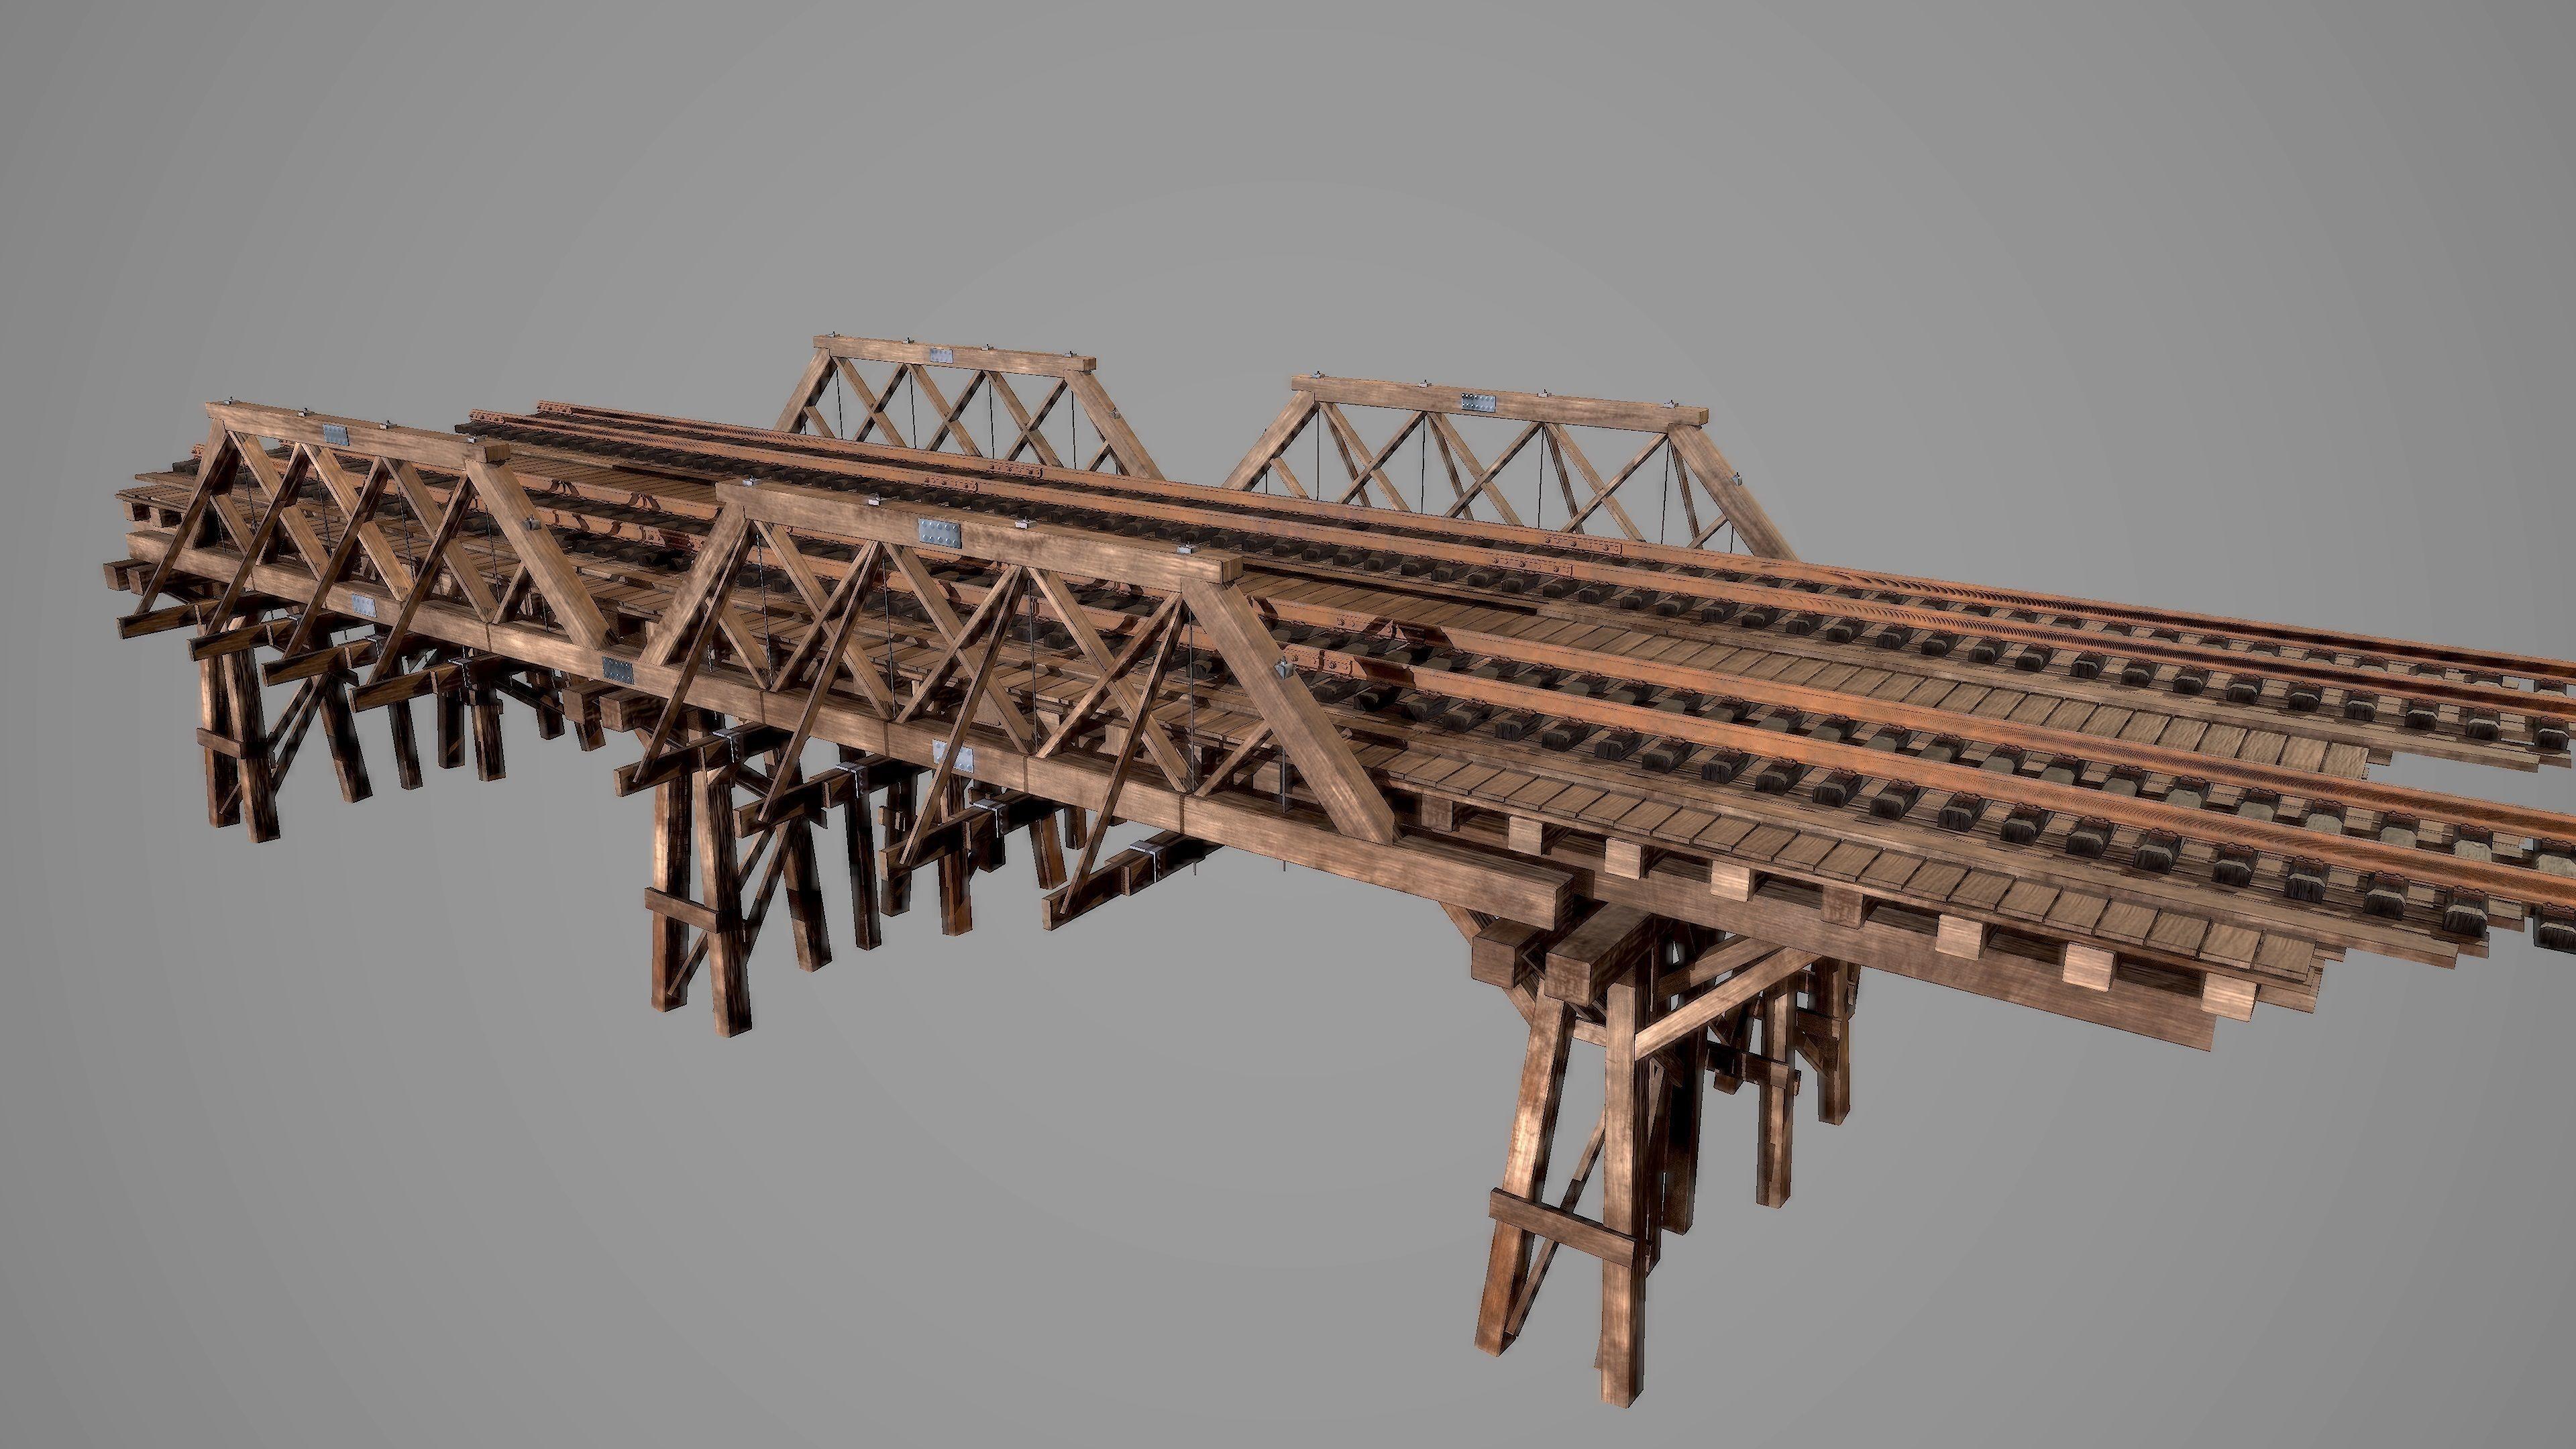 Wooden railway bridge